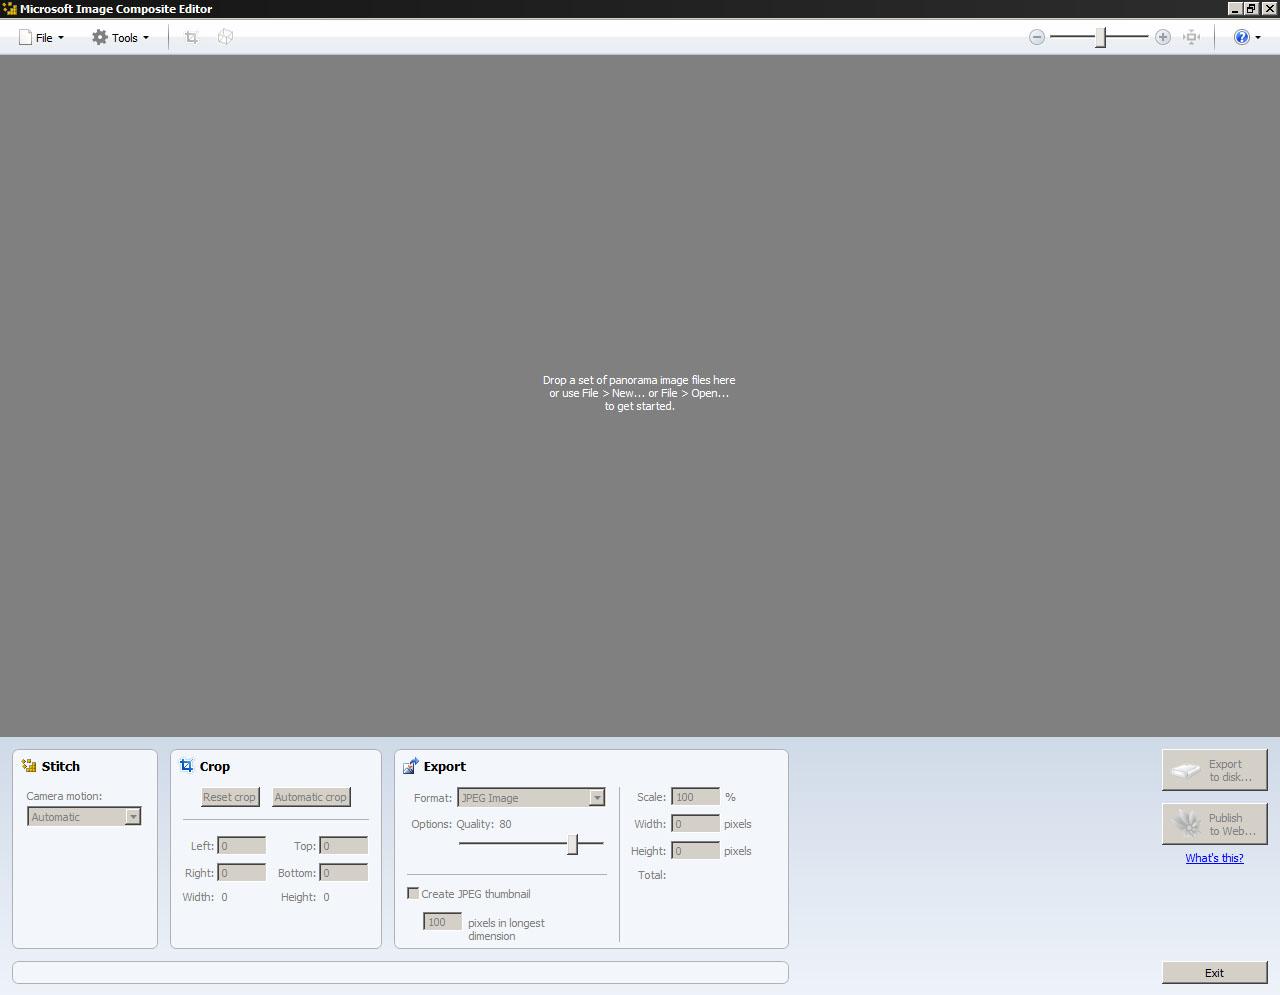 obr.1 - úvodná obrazovka po spustení programu